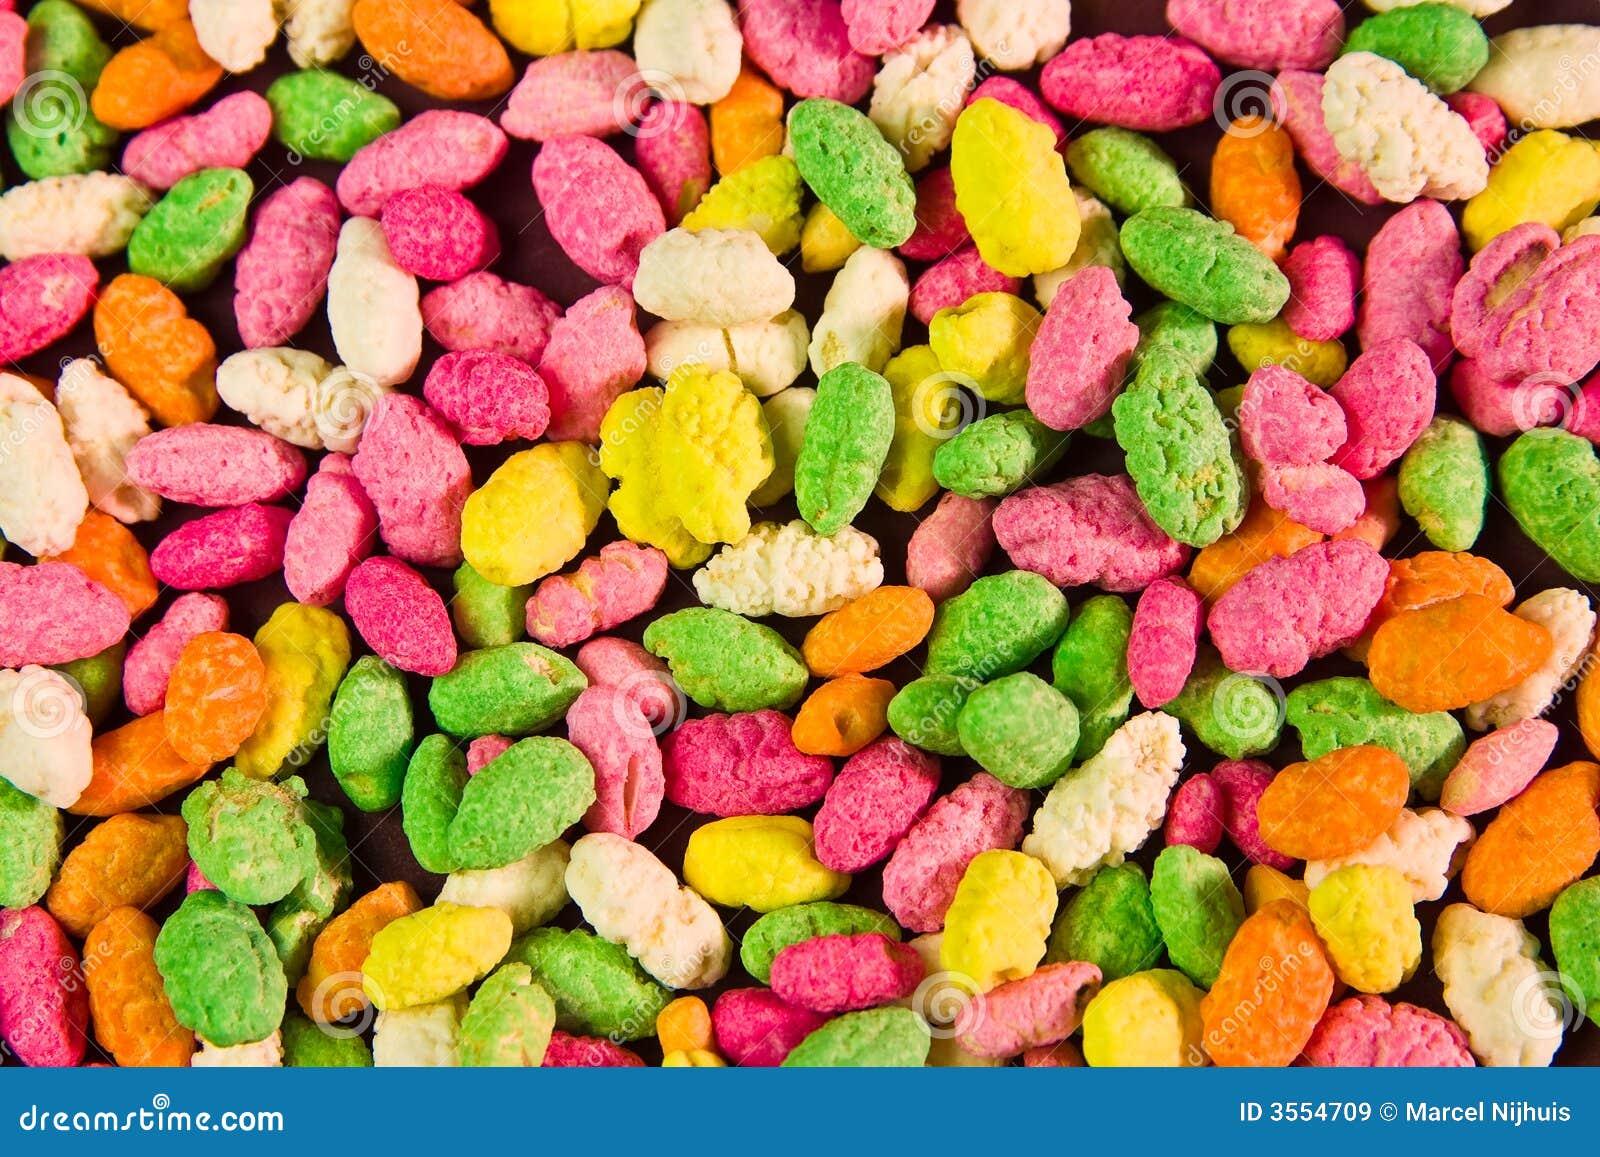 Süße Farben stockbild. Bild von farbe, enjoy, hintergrund - 3554709